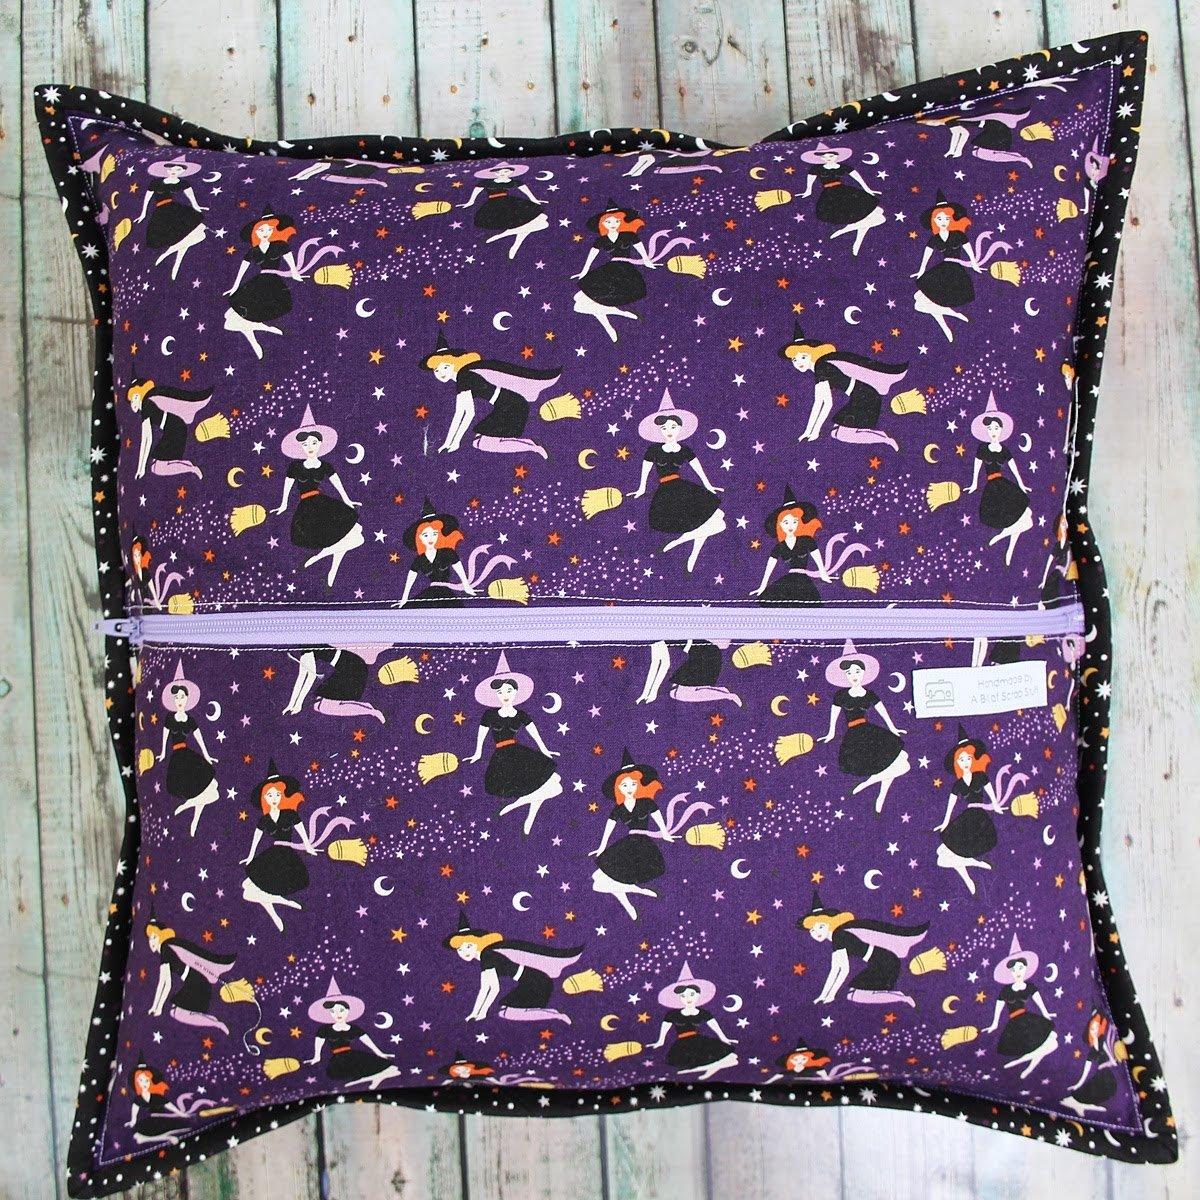 14-too-cute-pillow-back-zipper